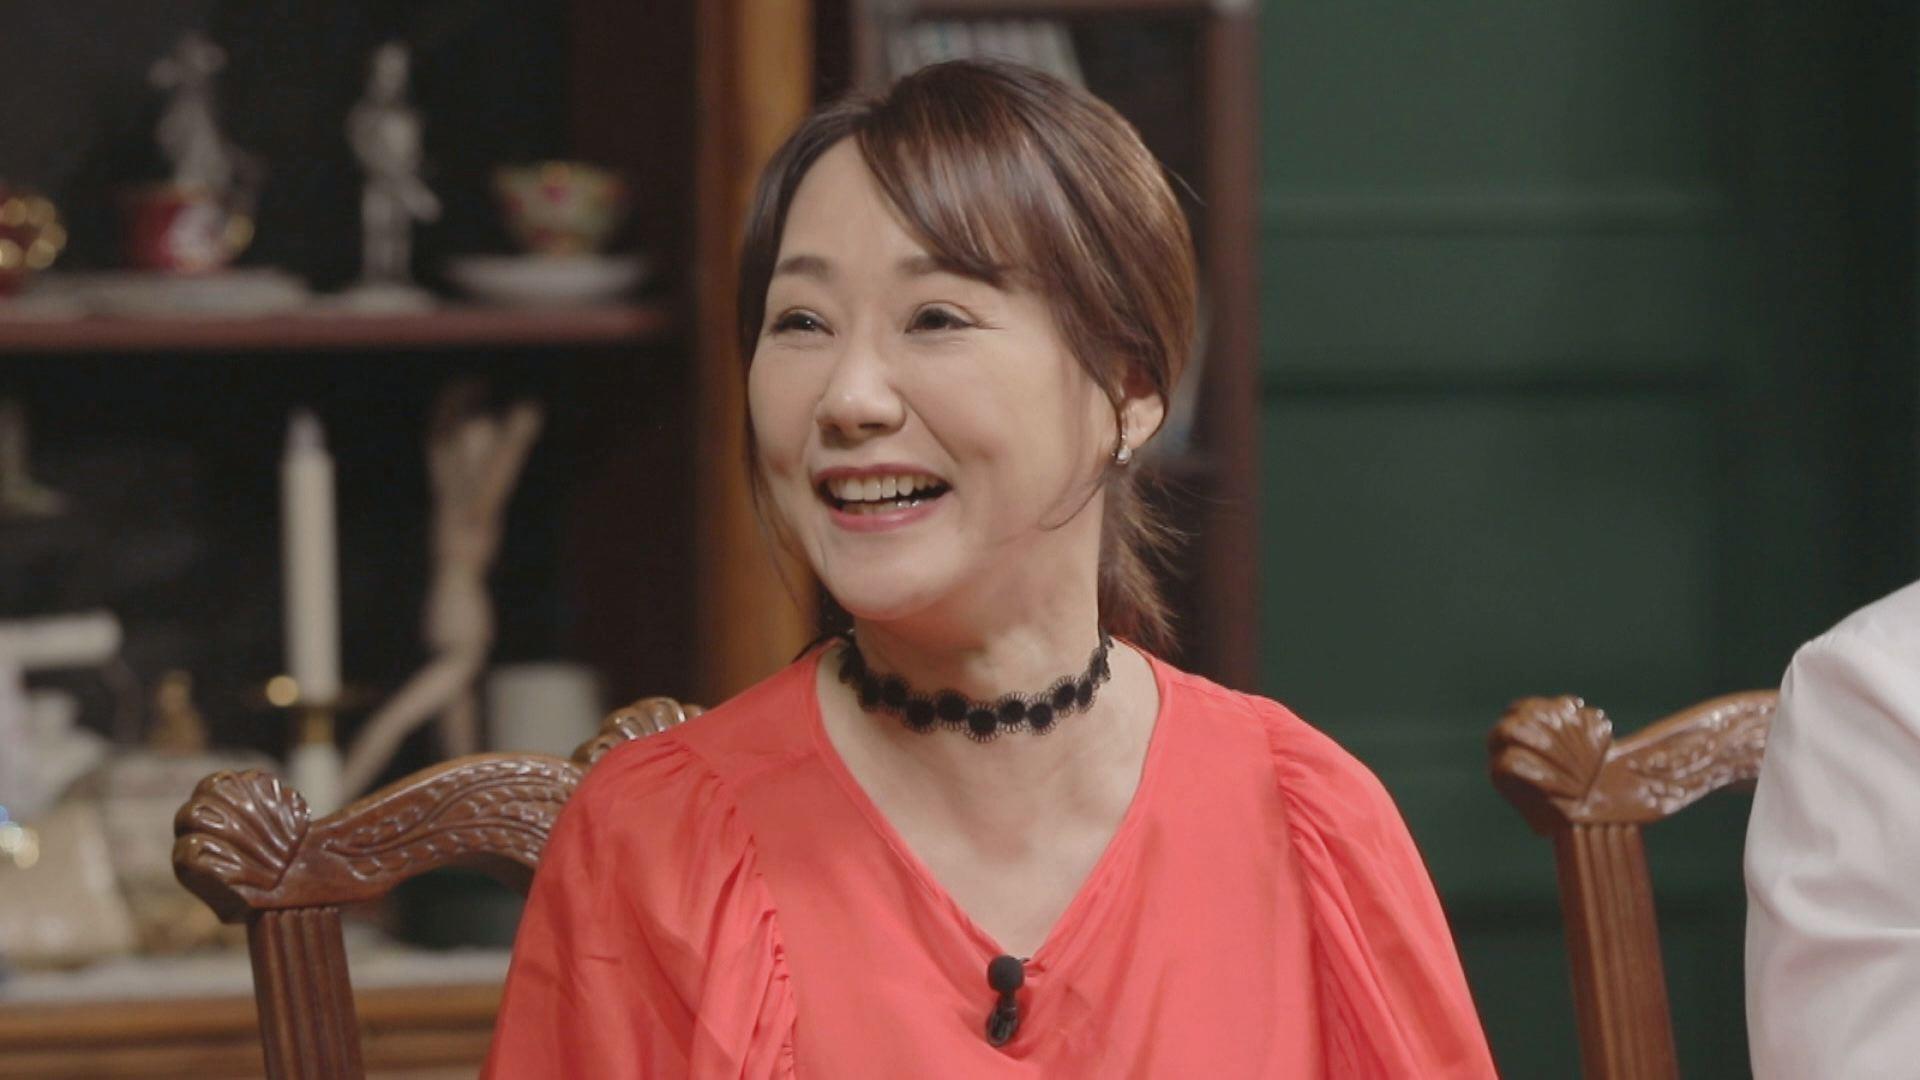 사랑과 전쟁의 그녀! 배우 이시은의 일상은?!_기적의 습관 22회 예고 이미지